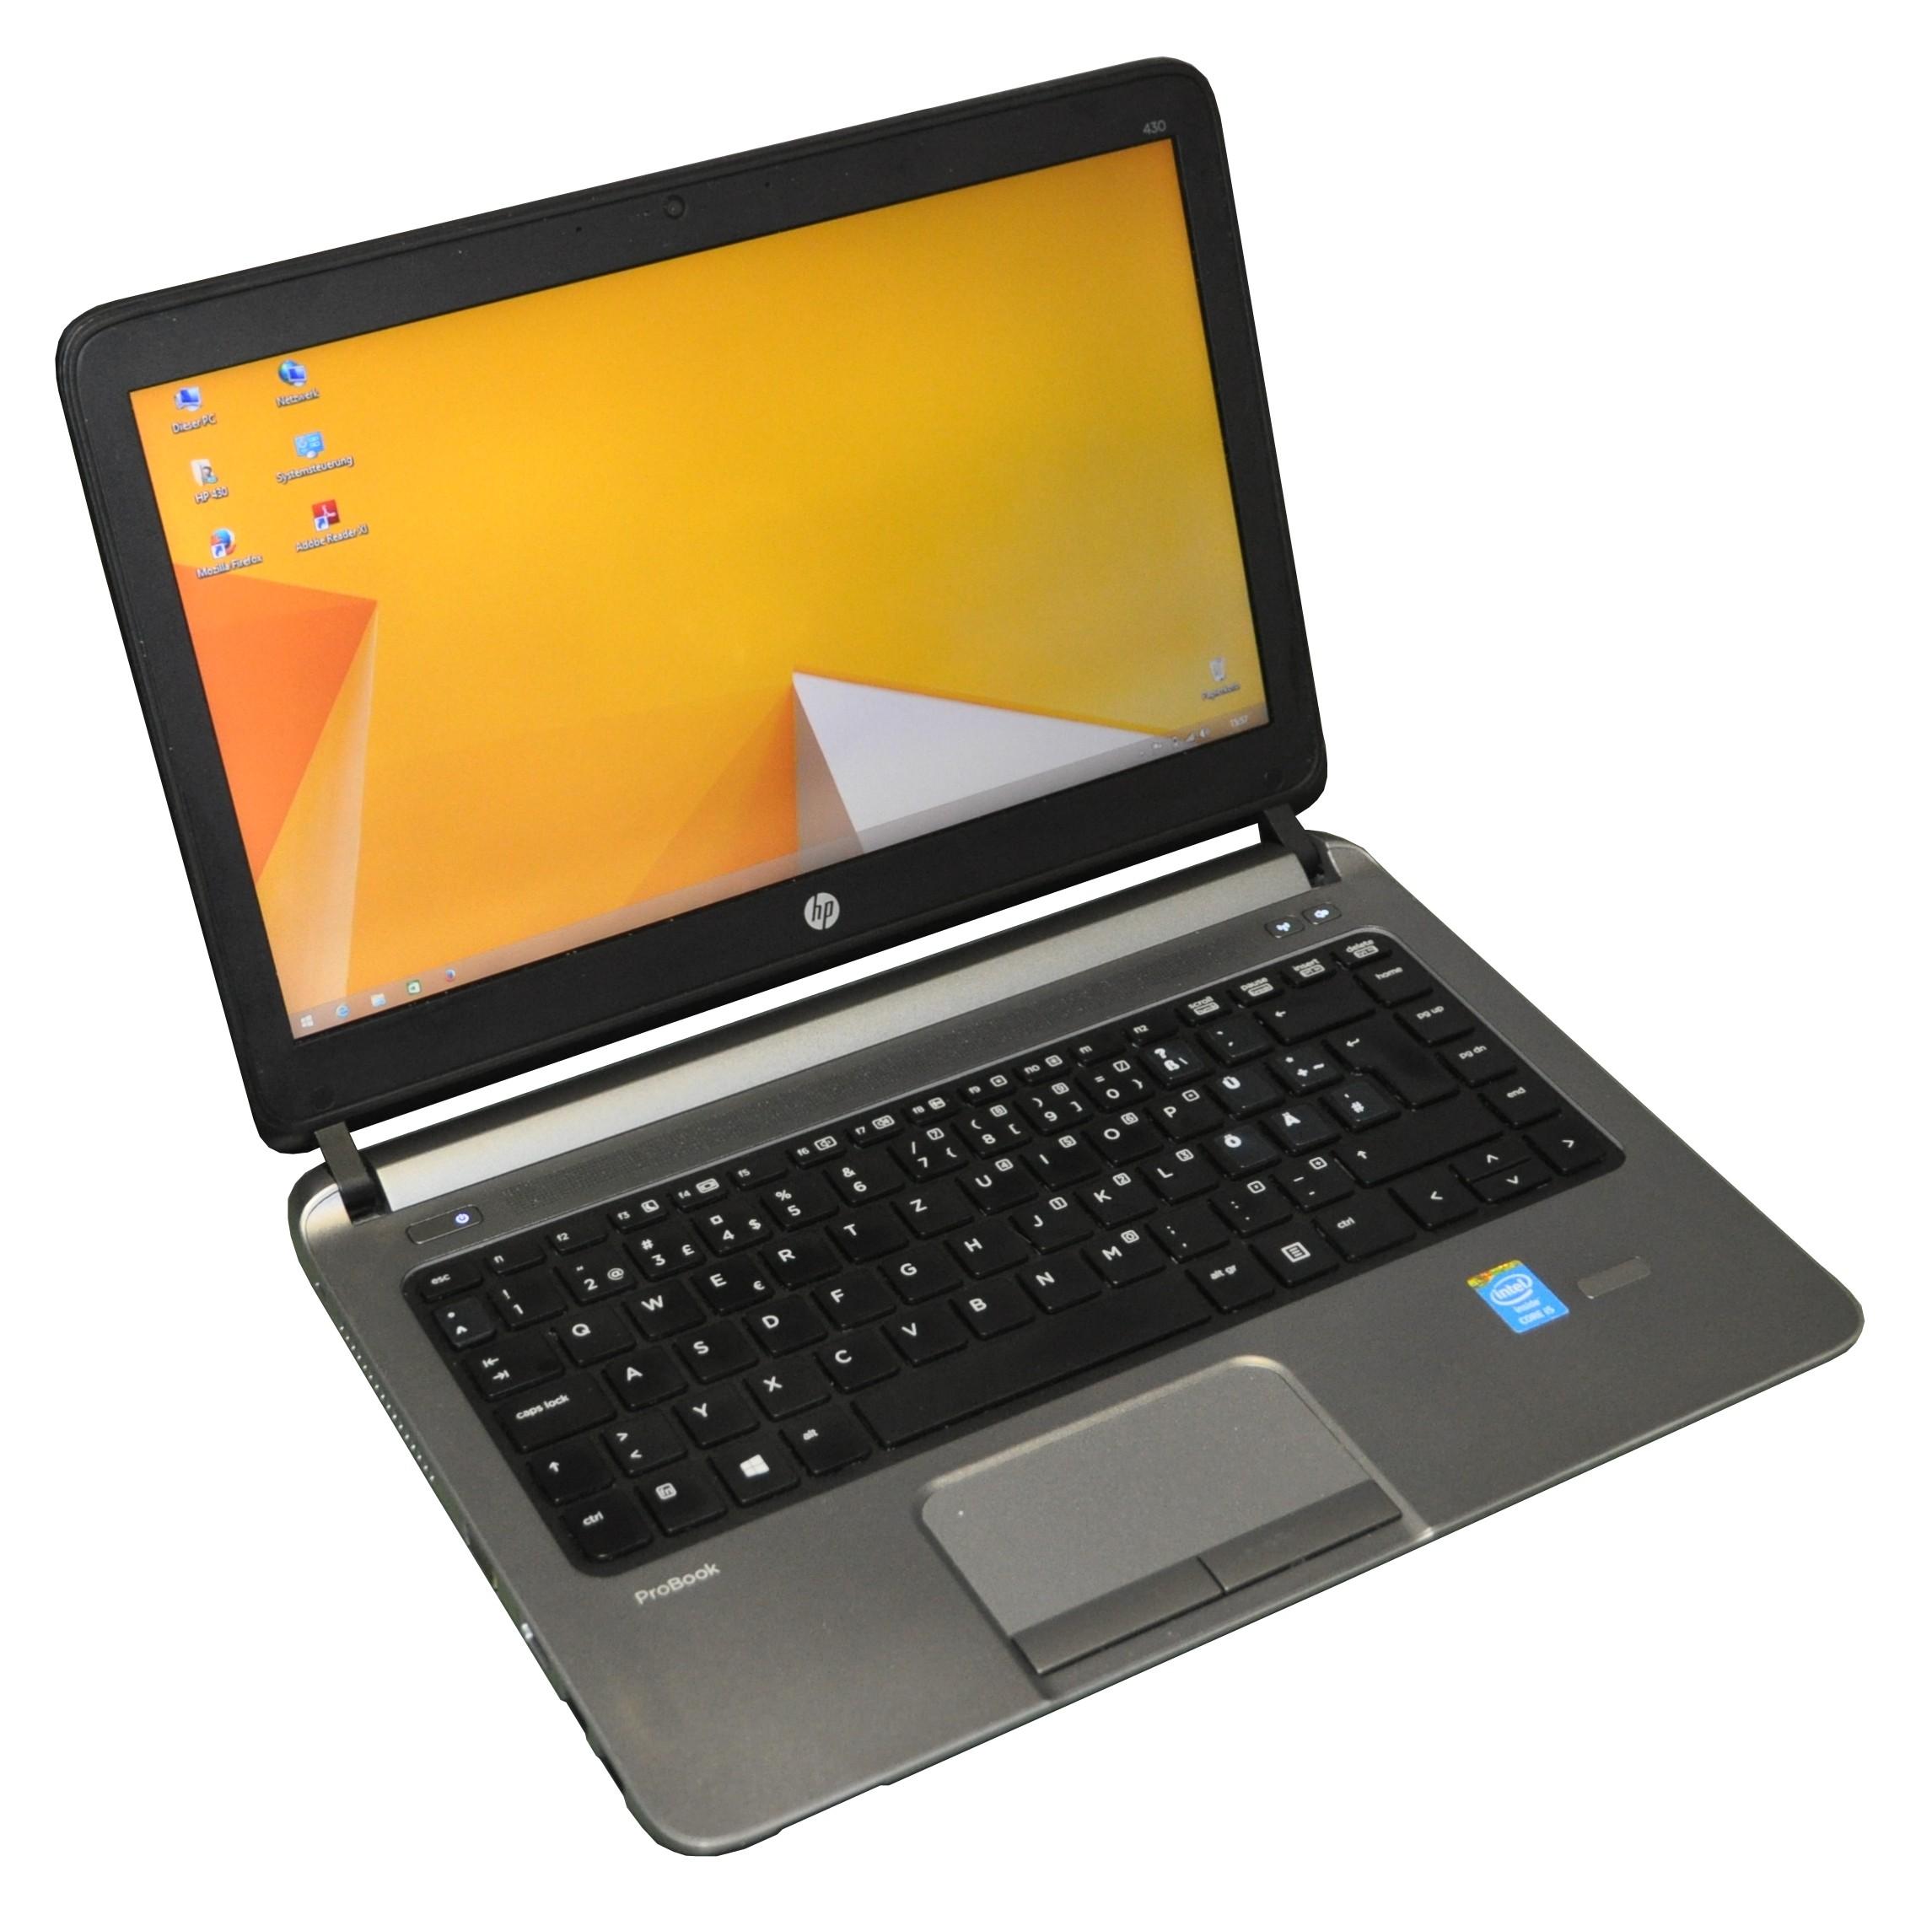 HP ProBook 430 G1 Core i5 4300U 1.9GHz 4GB 128GB SSD CAM BLT HDMI USB3.0 Win 8